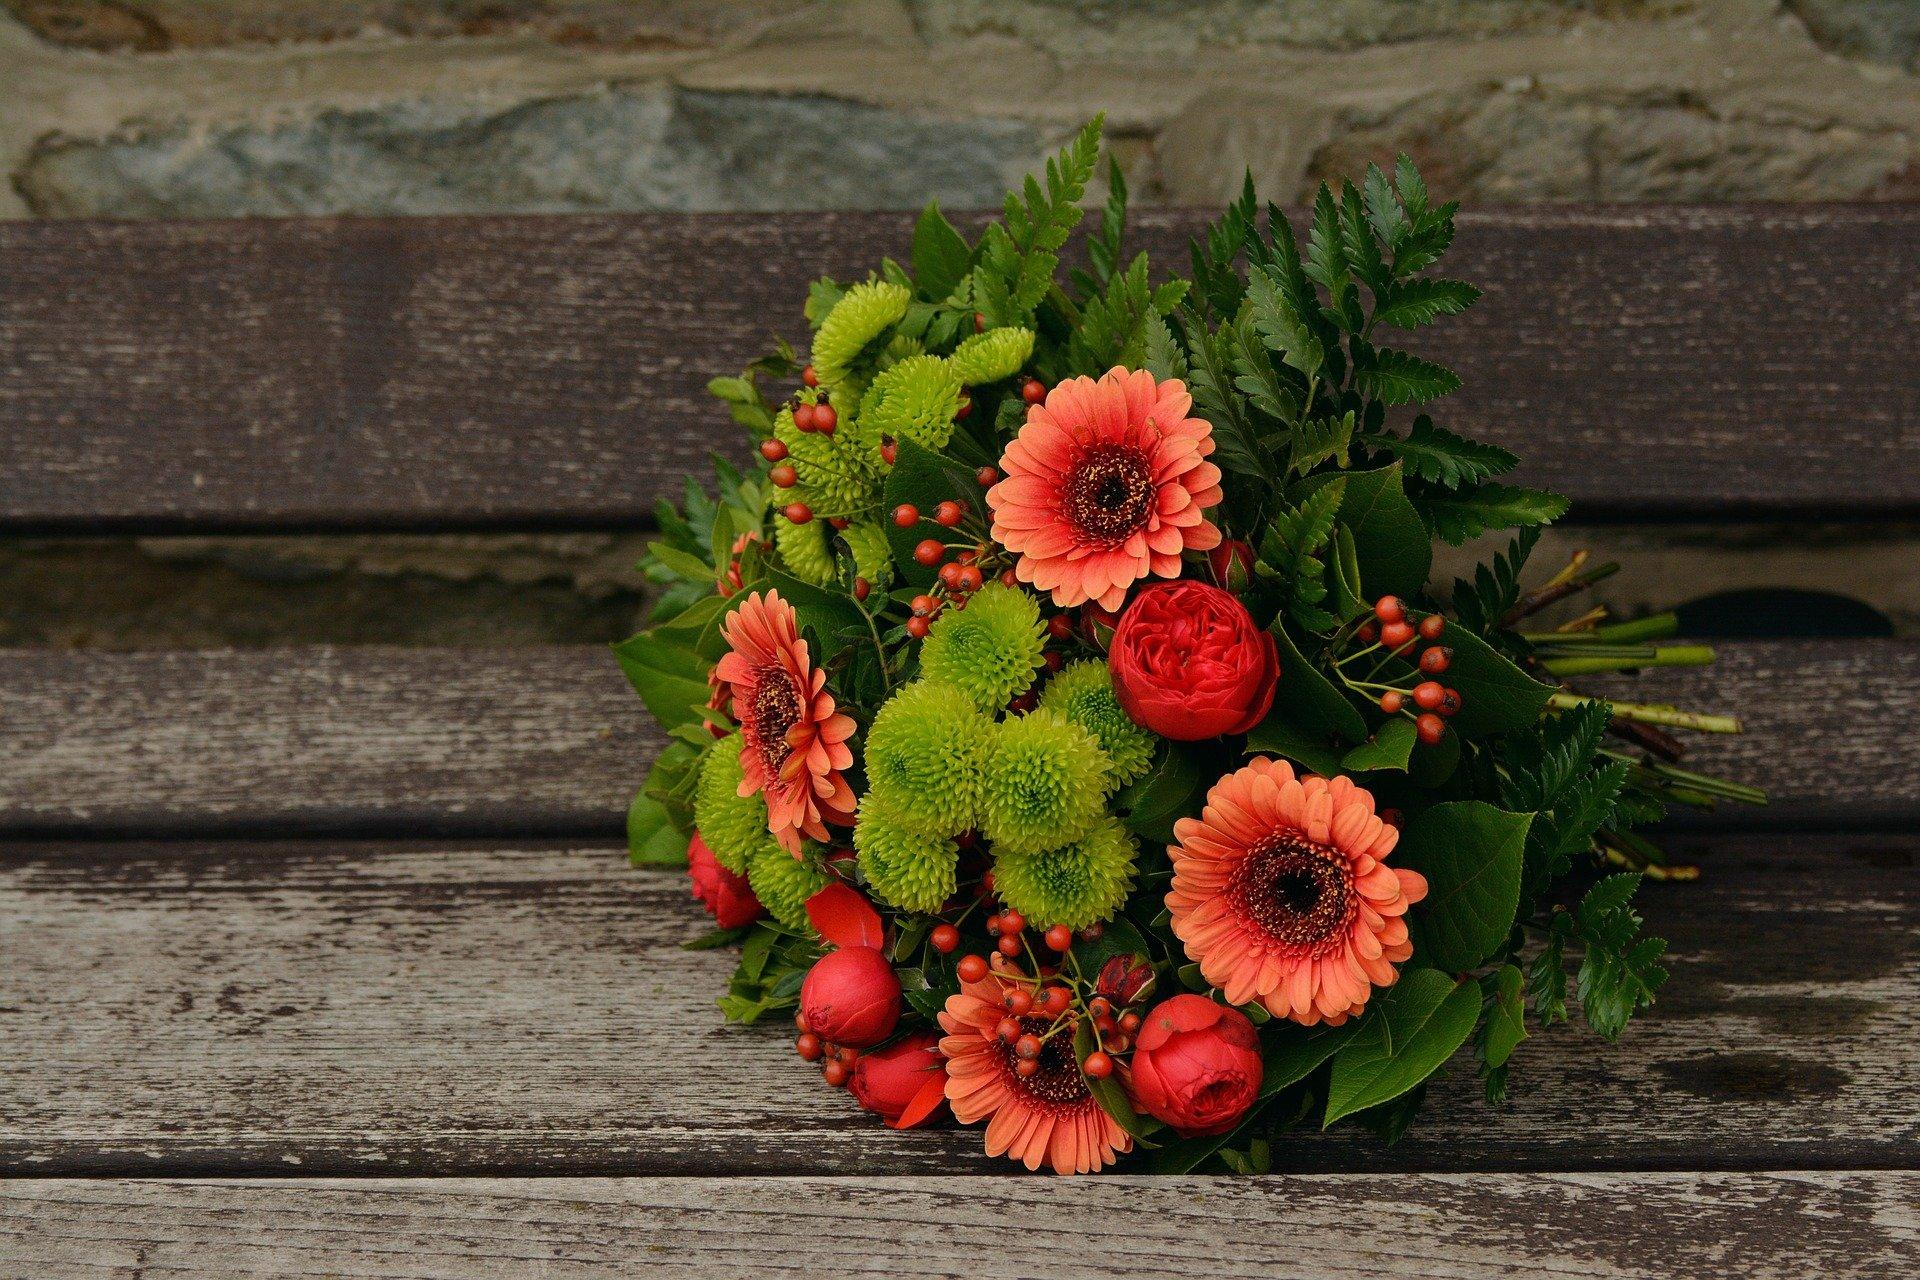 Fond D Ecran 1920x1280 Px Bouquet Fleurs Gerbera Feuilles